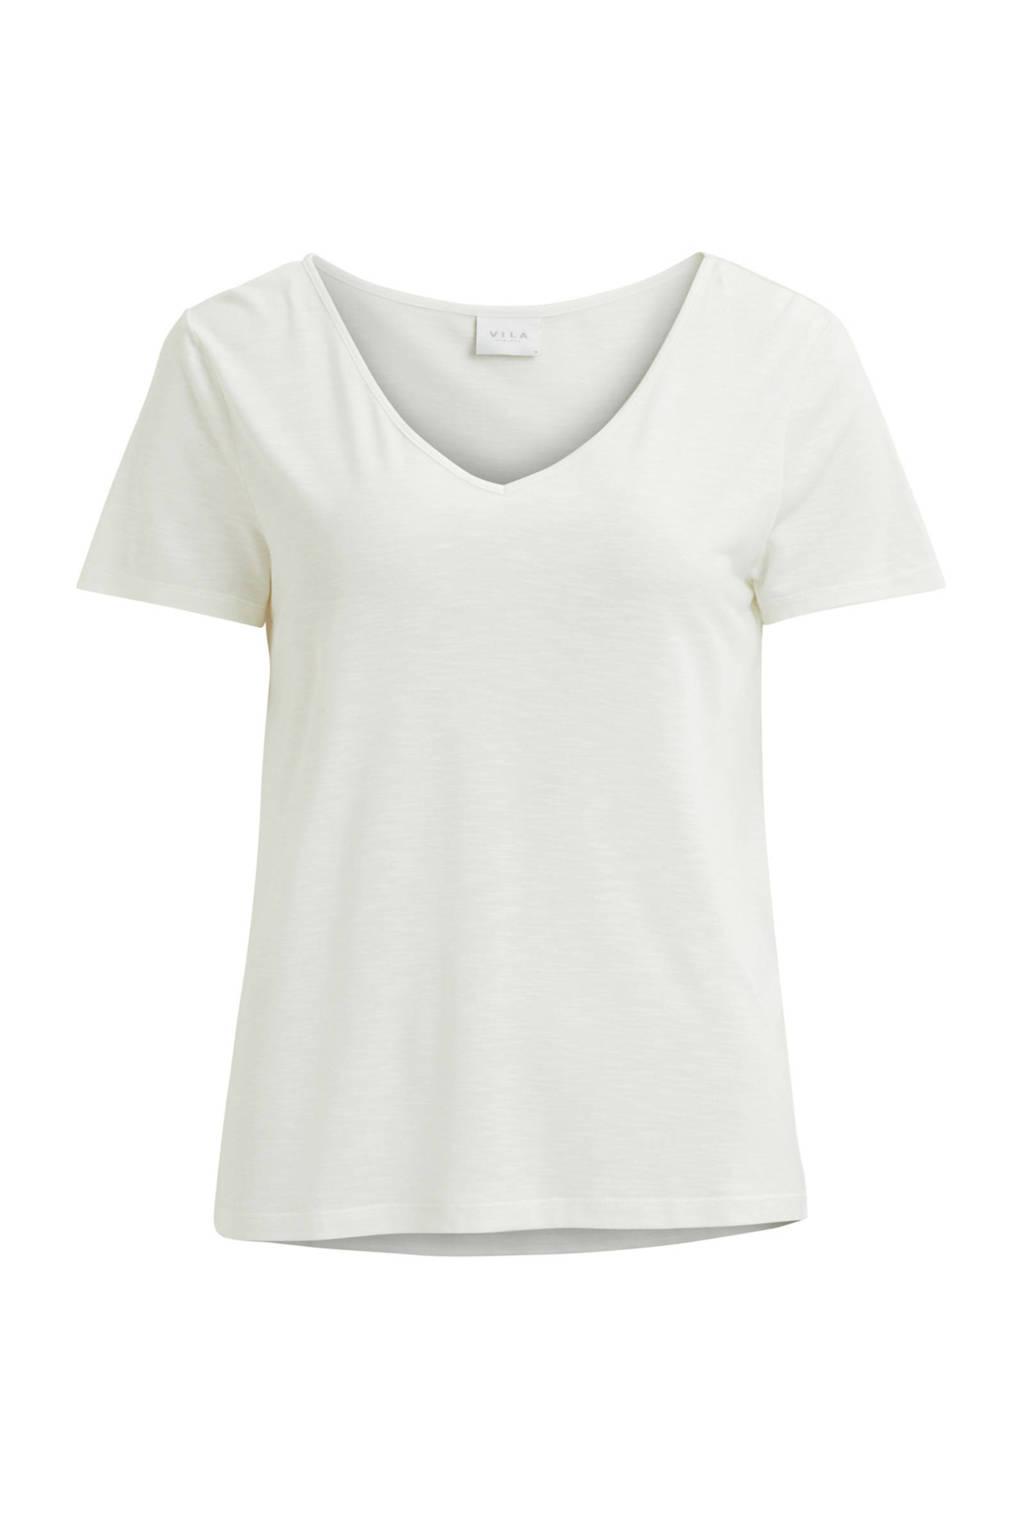 VILA T-shirt wit, Wit